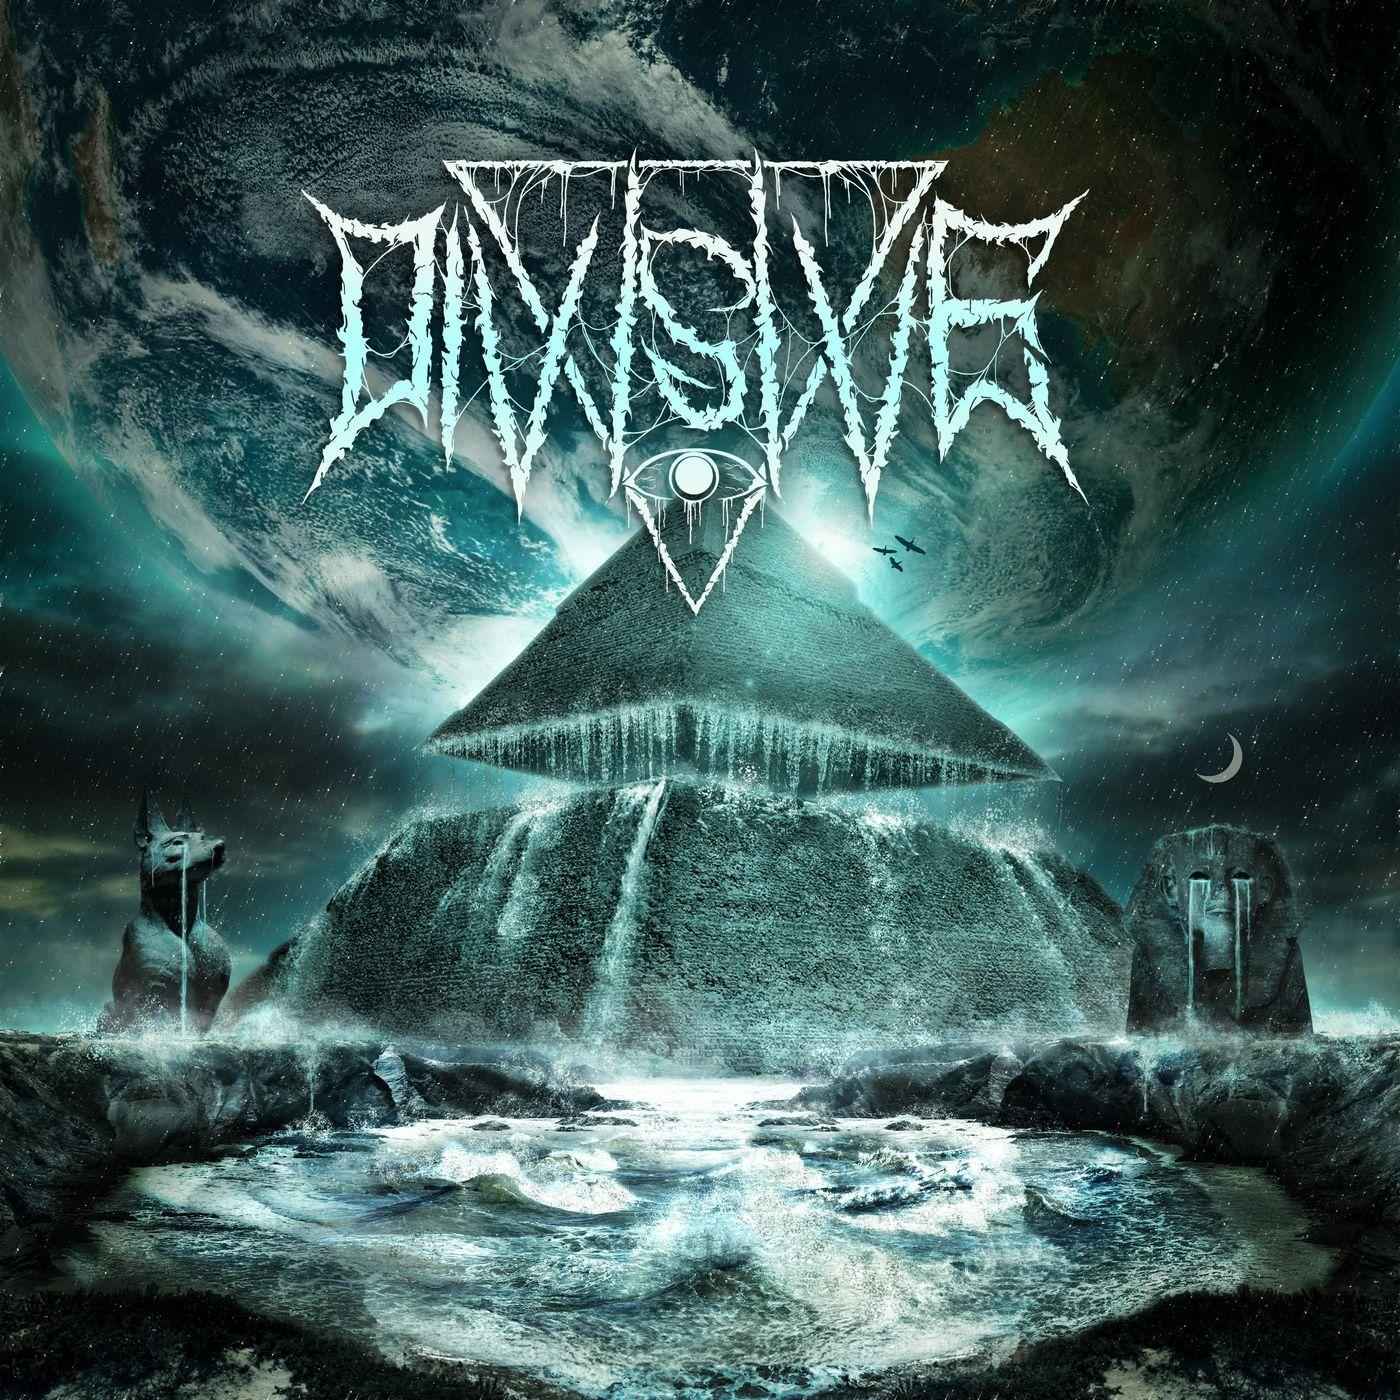 Divisive - MK-Ultra [single] (2019)